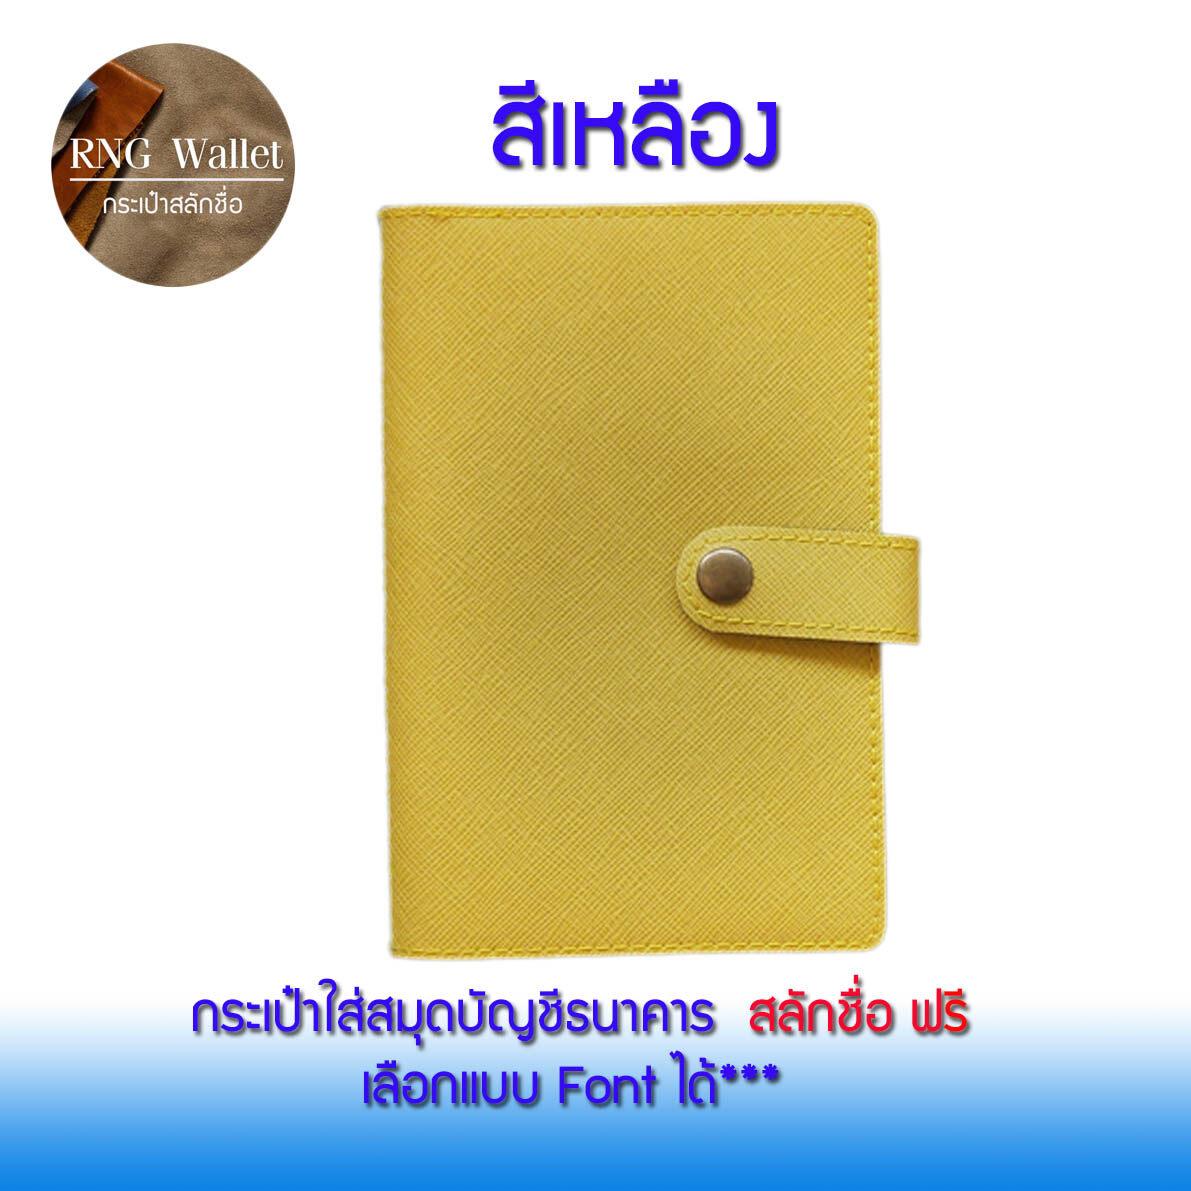 กระเป๋าใส่สมุดบัญชีธนาคาร+ สลักชื่อ ฟรี!! เลือกแบบ Font ได้ + ใส่ได้ 14 เล่ม.